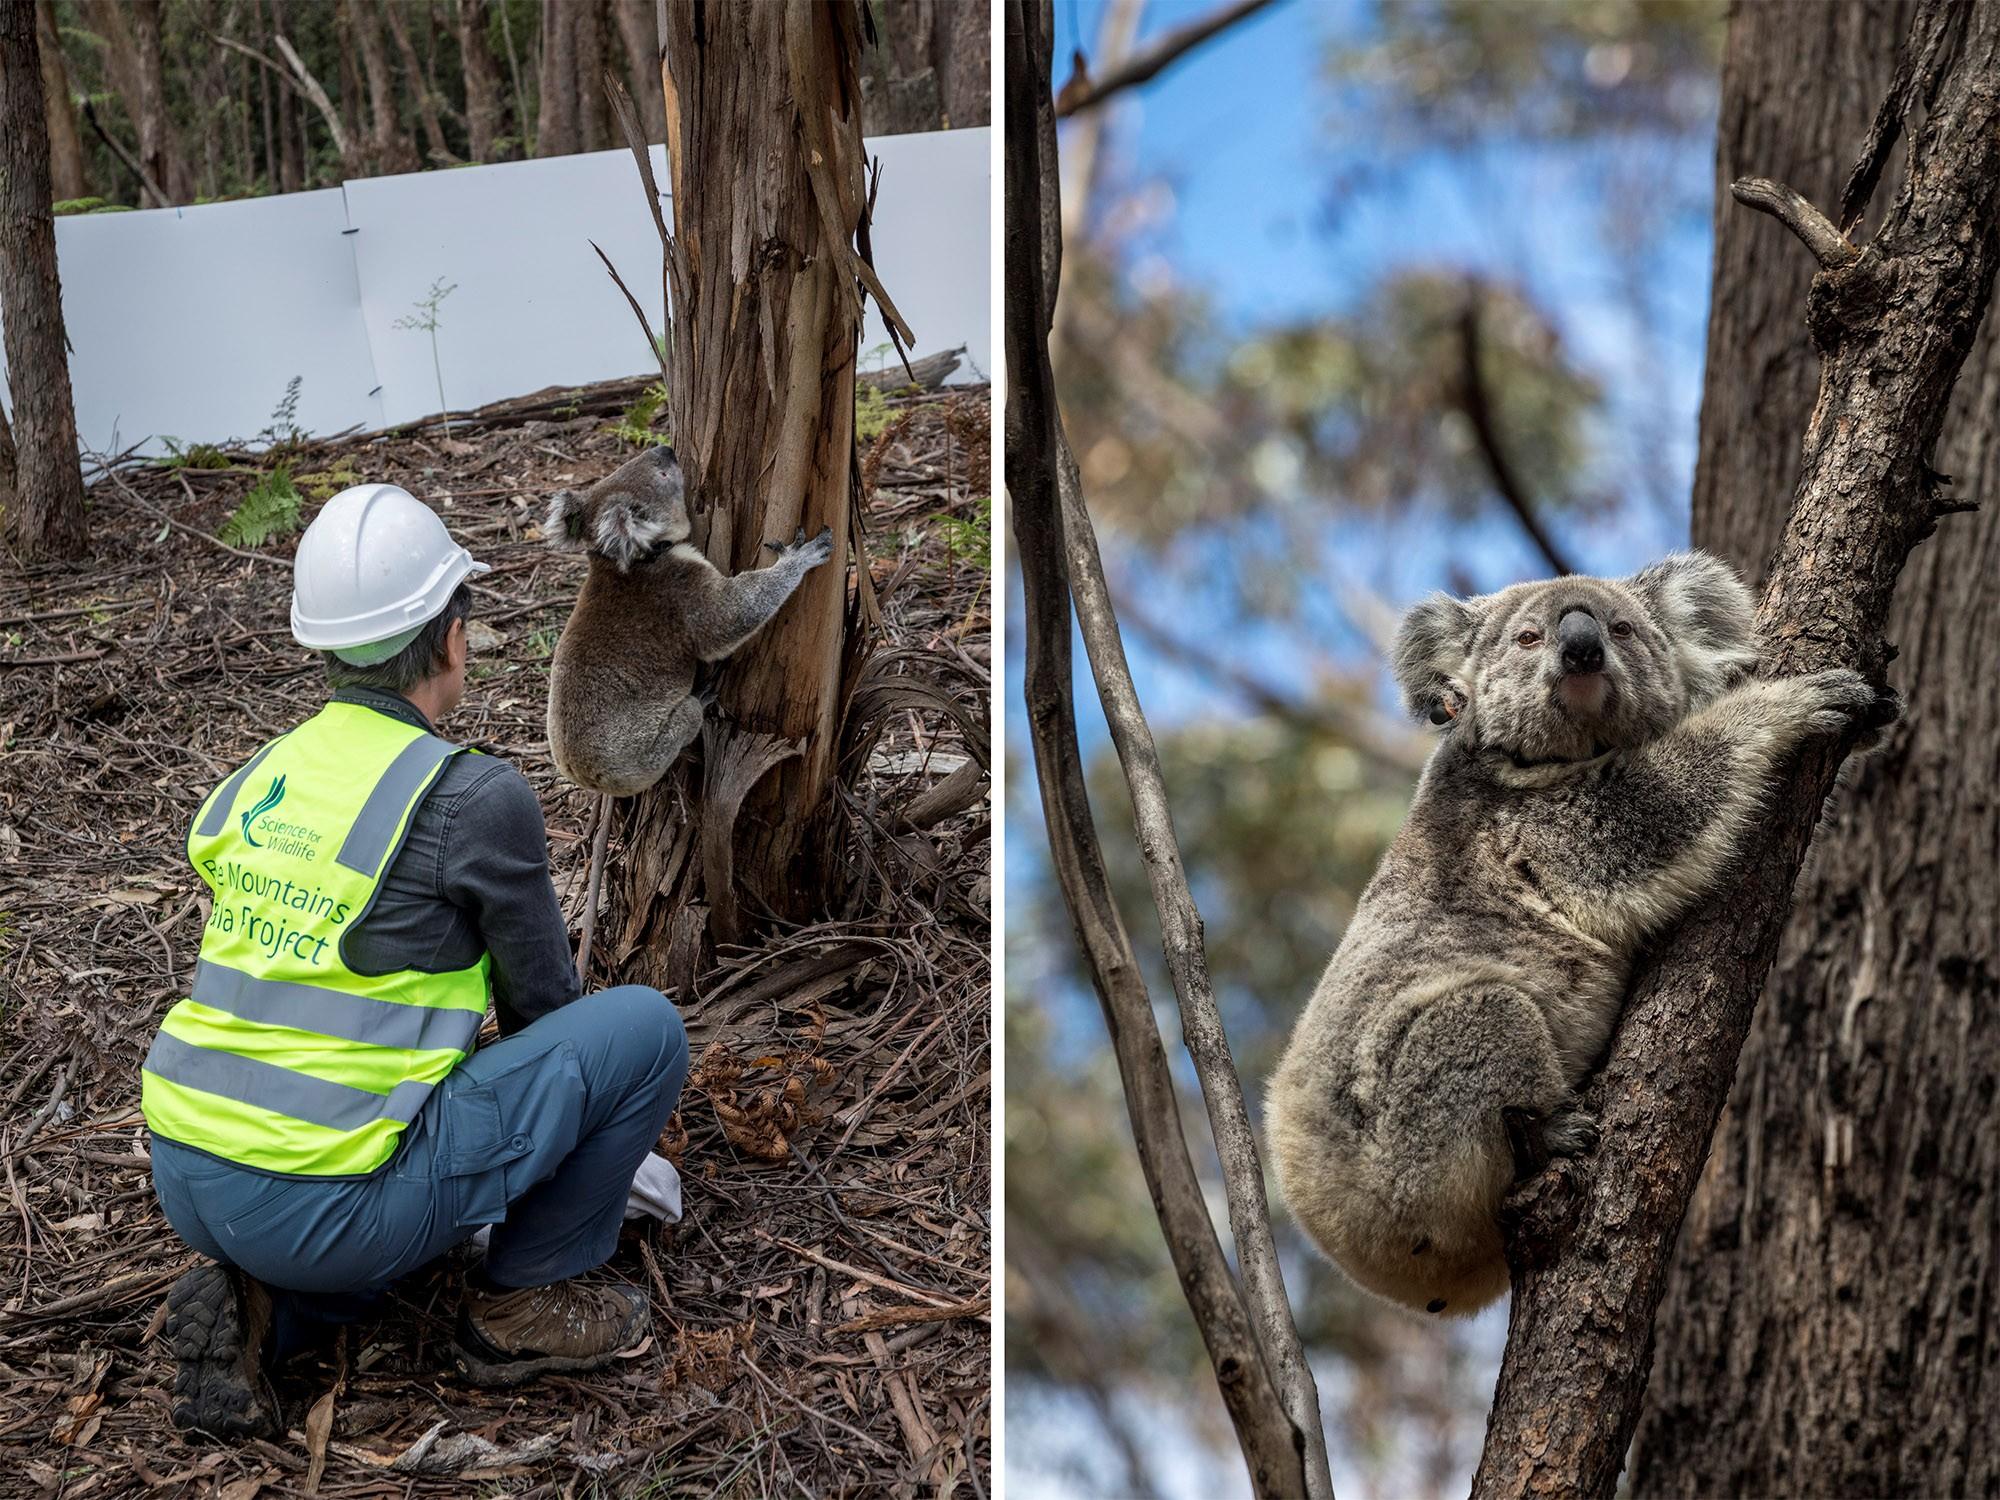 Coalas resgatados em 'megaincêndio' na Austrália voltam à natureza 3 meses depois